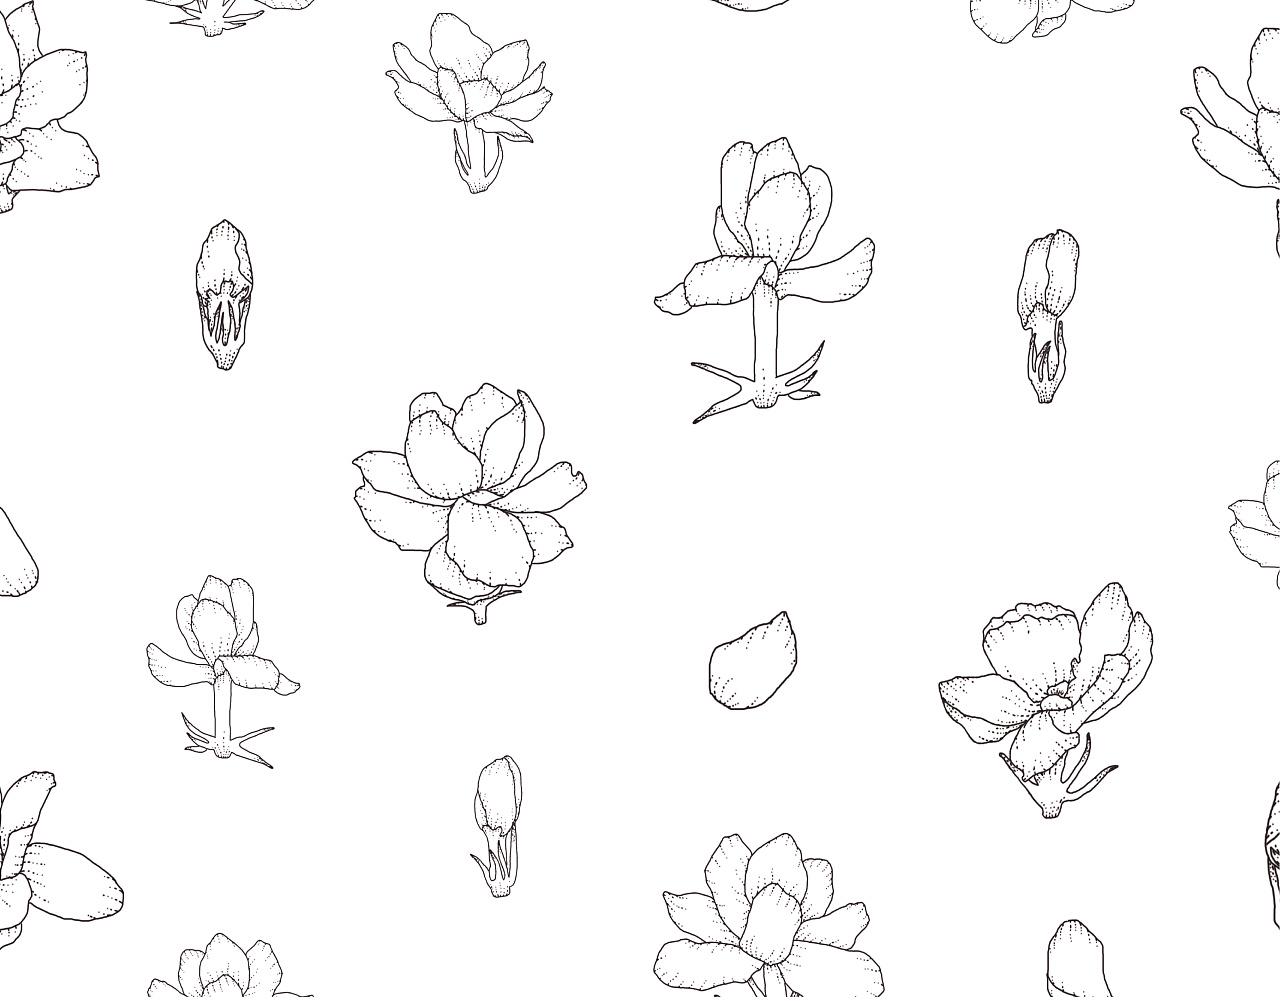 无茶茶叶品牌设计 茶叶包装设计 vi 茶叶插画